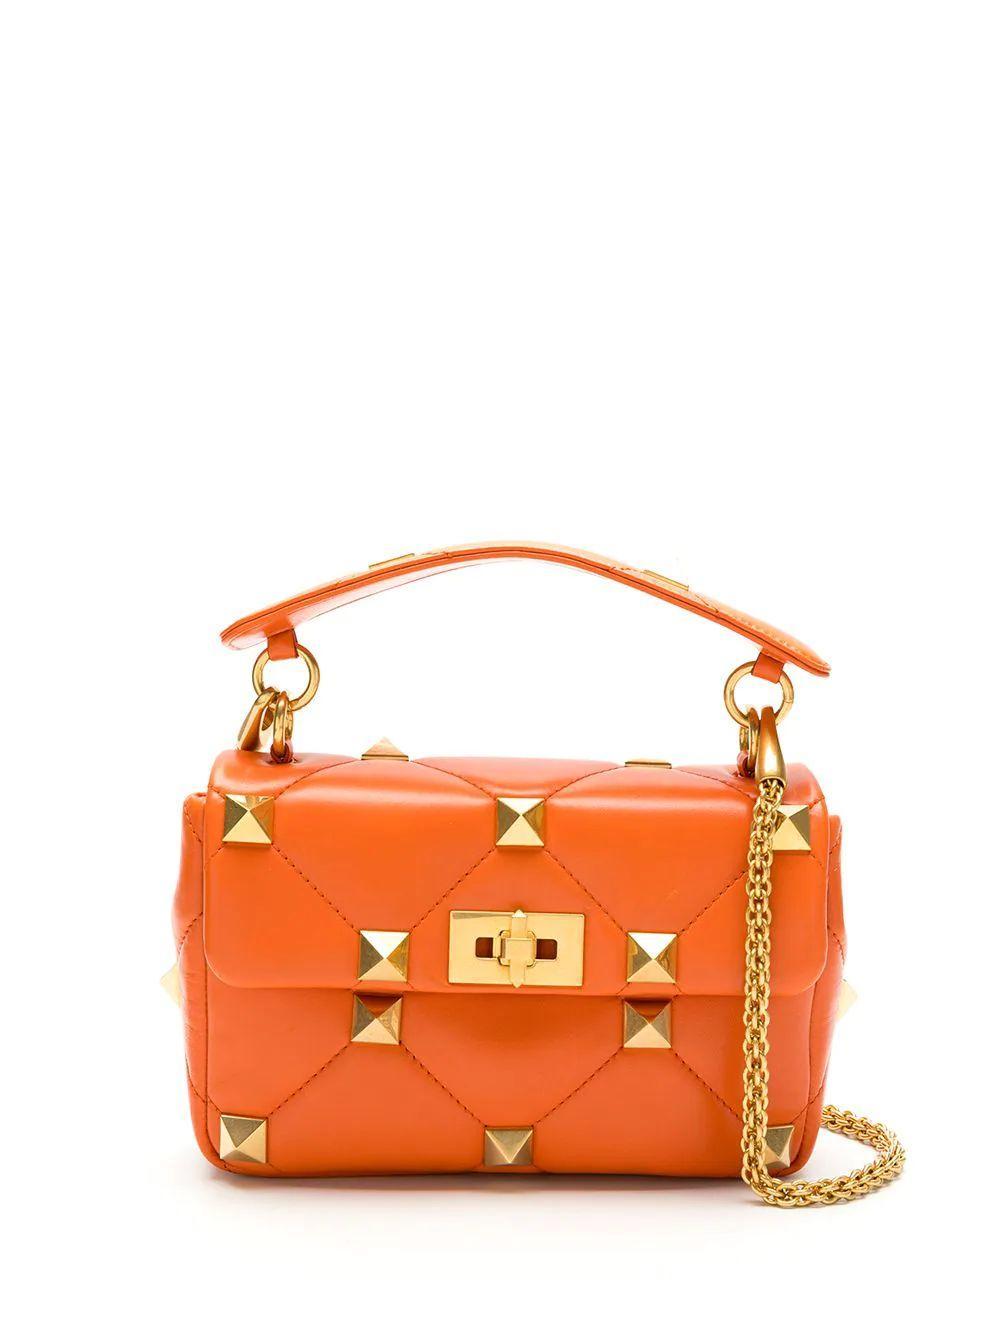 Roman Stud Medium Shoulder Bag